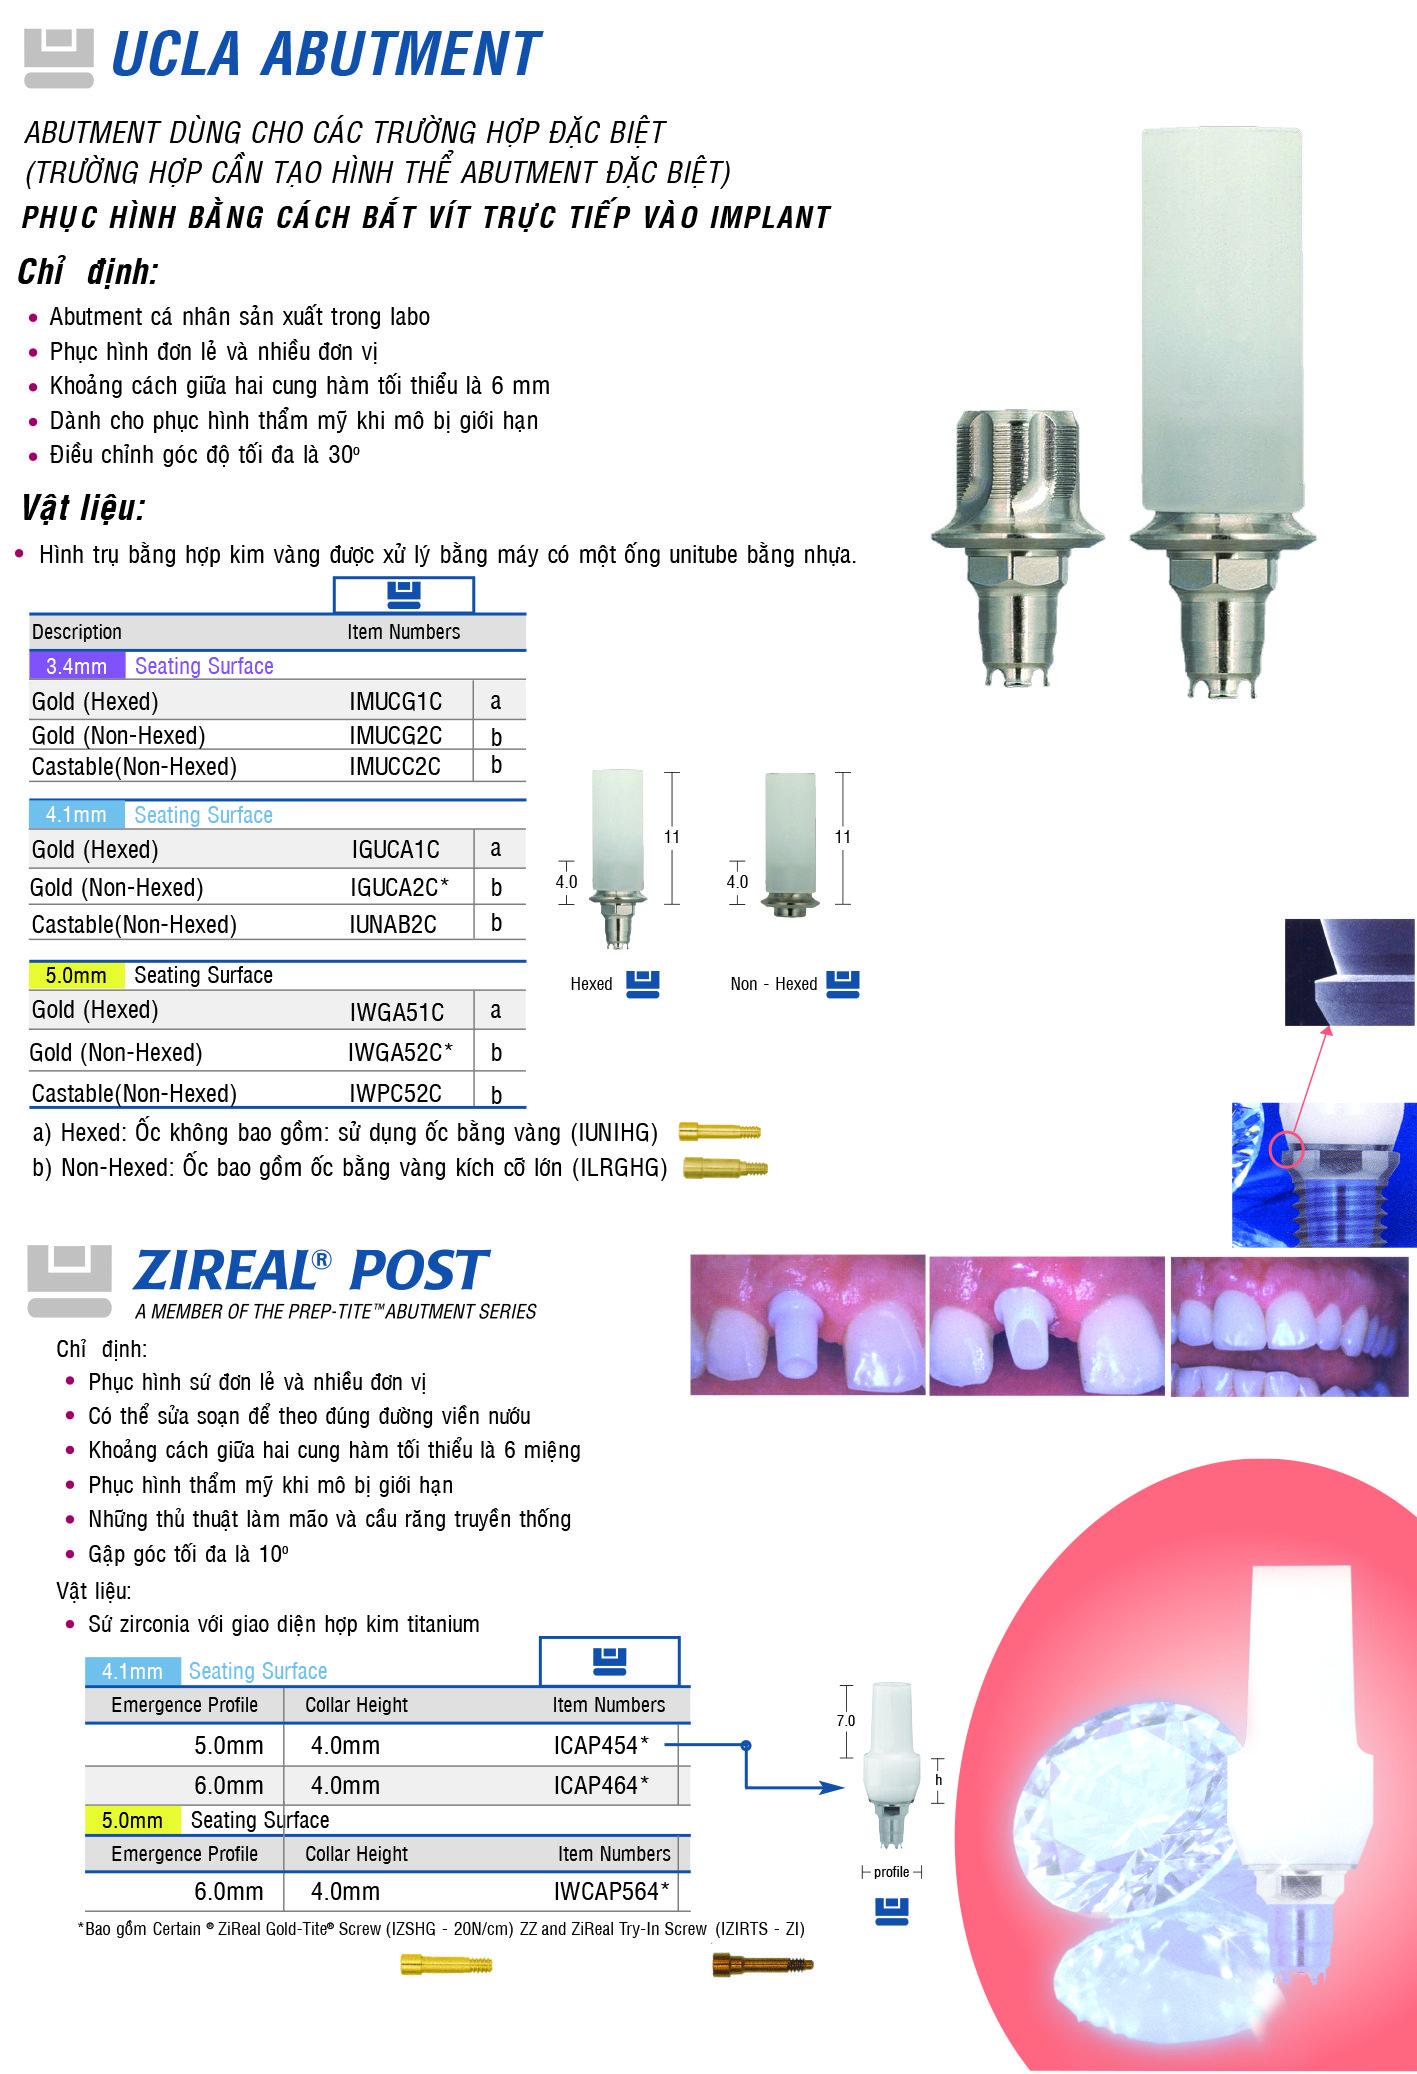 259-1-Implant-3I